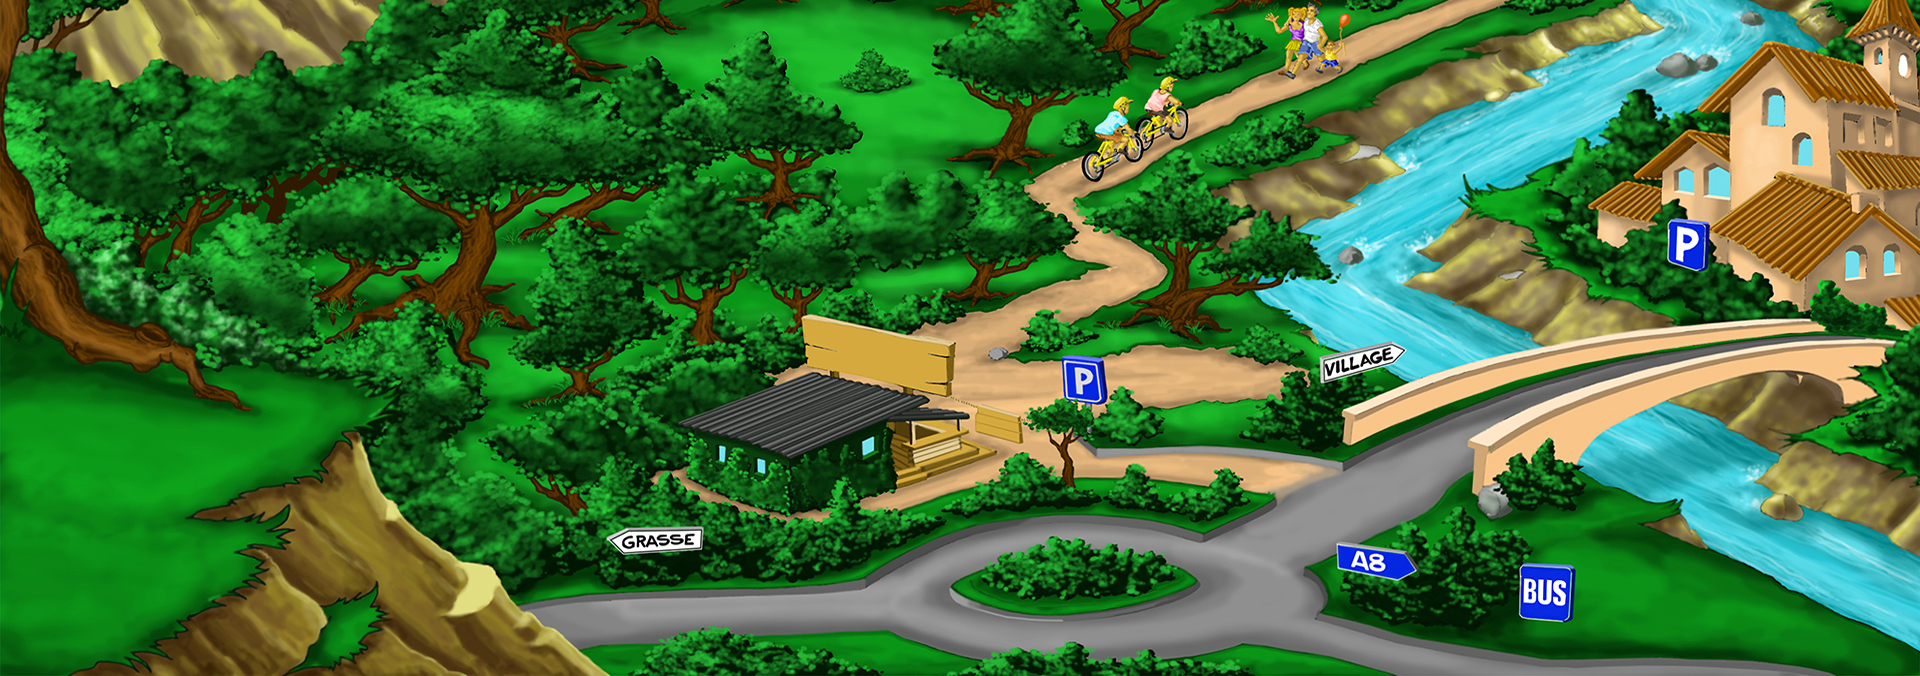 Illustration de l'accès au parc